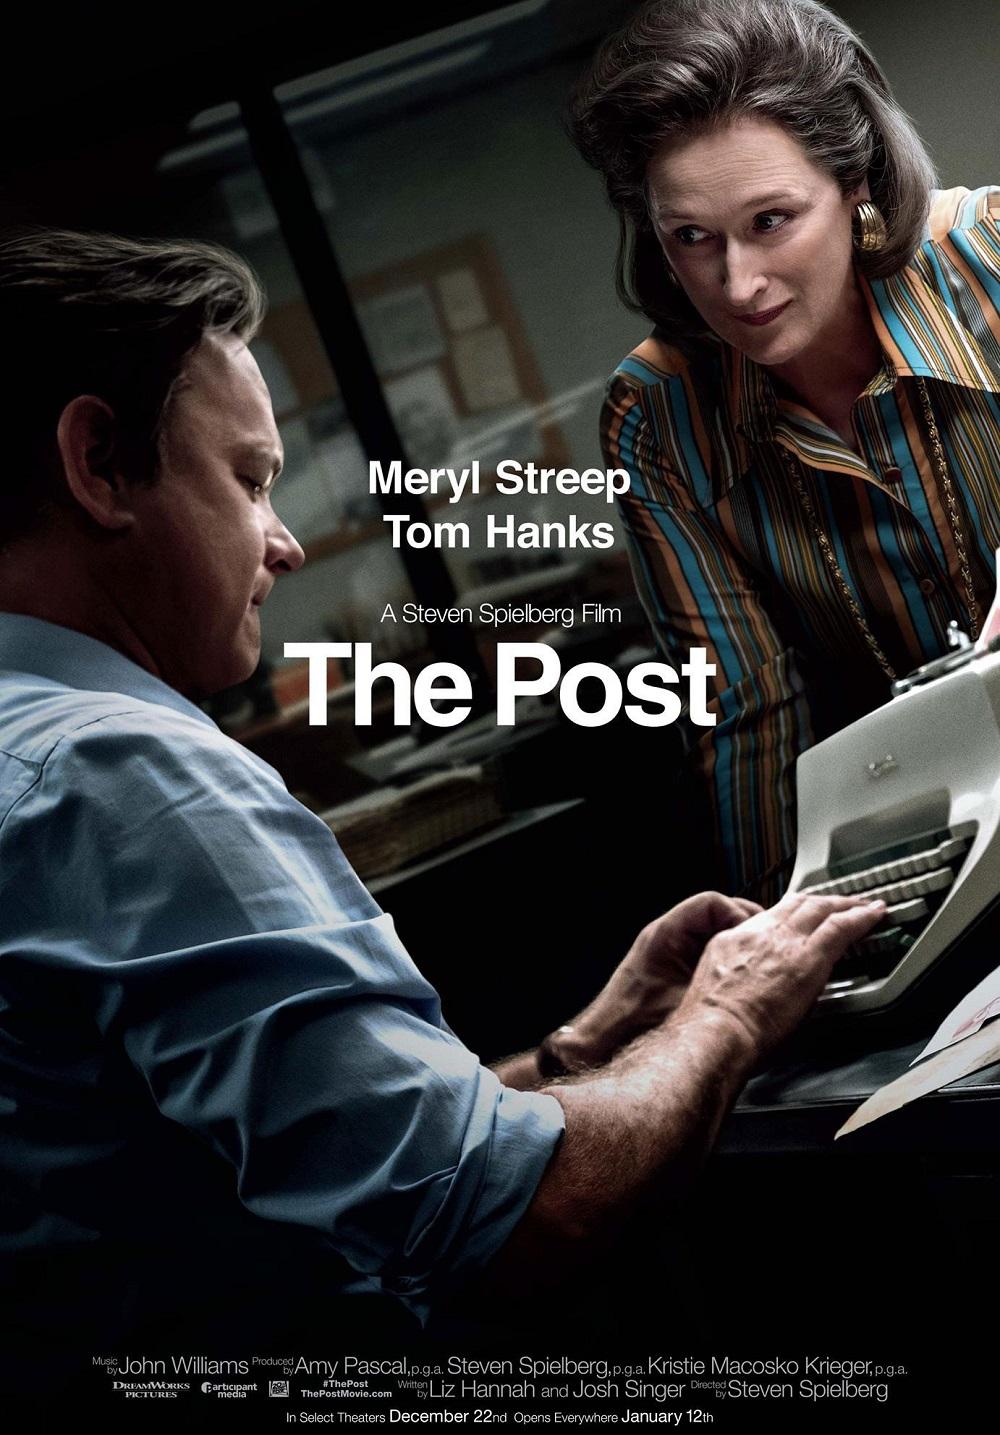 """9.""""Вестник на властта"""" (престижен филм) – Подобно на """"Специален доклад"""", и този навременно направен и актуален филм за свободата на пресата няма нужда от повече реклама от имената на Спилбърг, Ханкс и Мерил Стрийп. Лентата, която все още е по кината у нас, разказва истинската история на журналисти, опитали се да разкрият тайни за американското участие във Виетнамската война, и показва режисьора в топформа след почти 50 години, прекарани в киноиндустрията"""